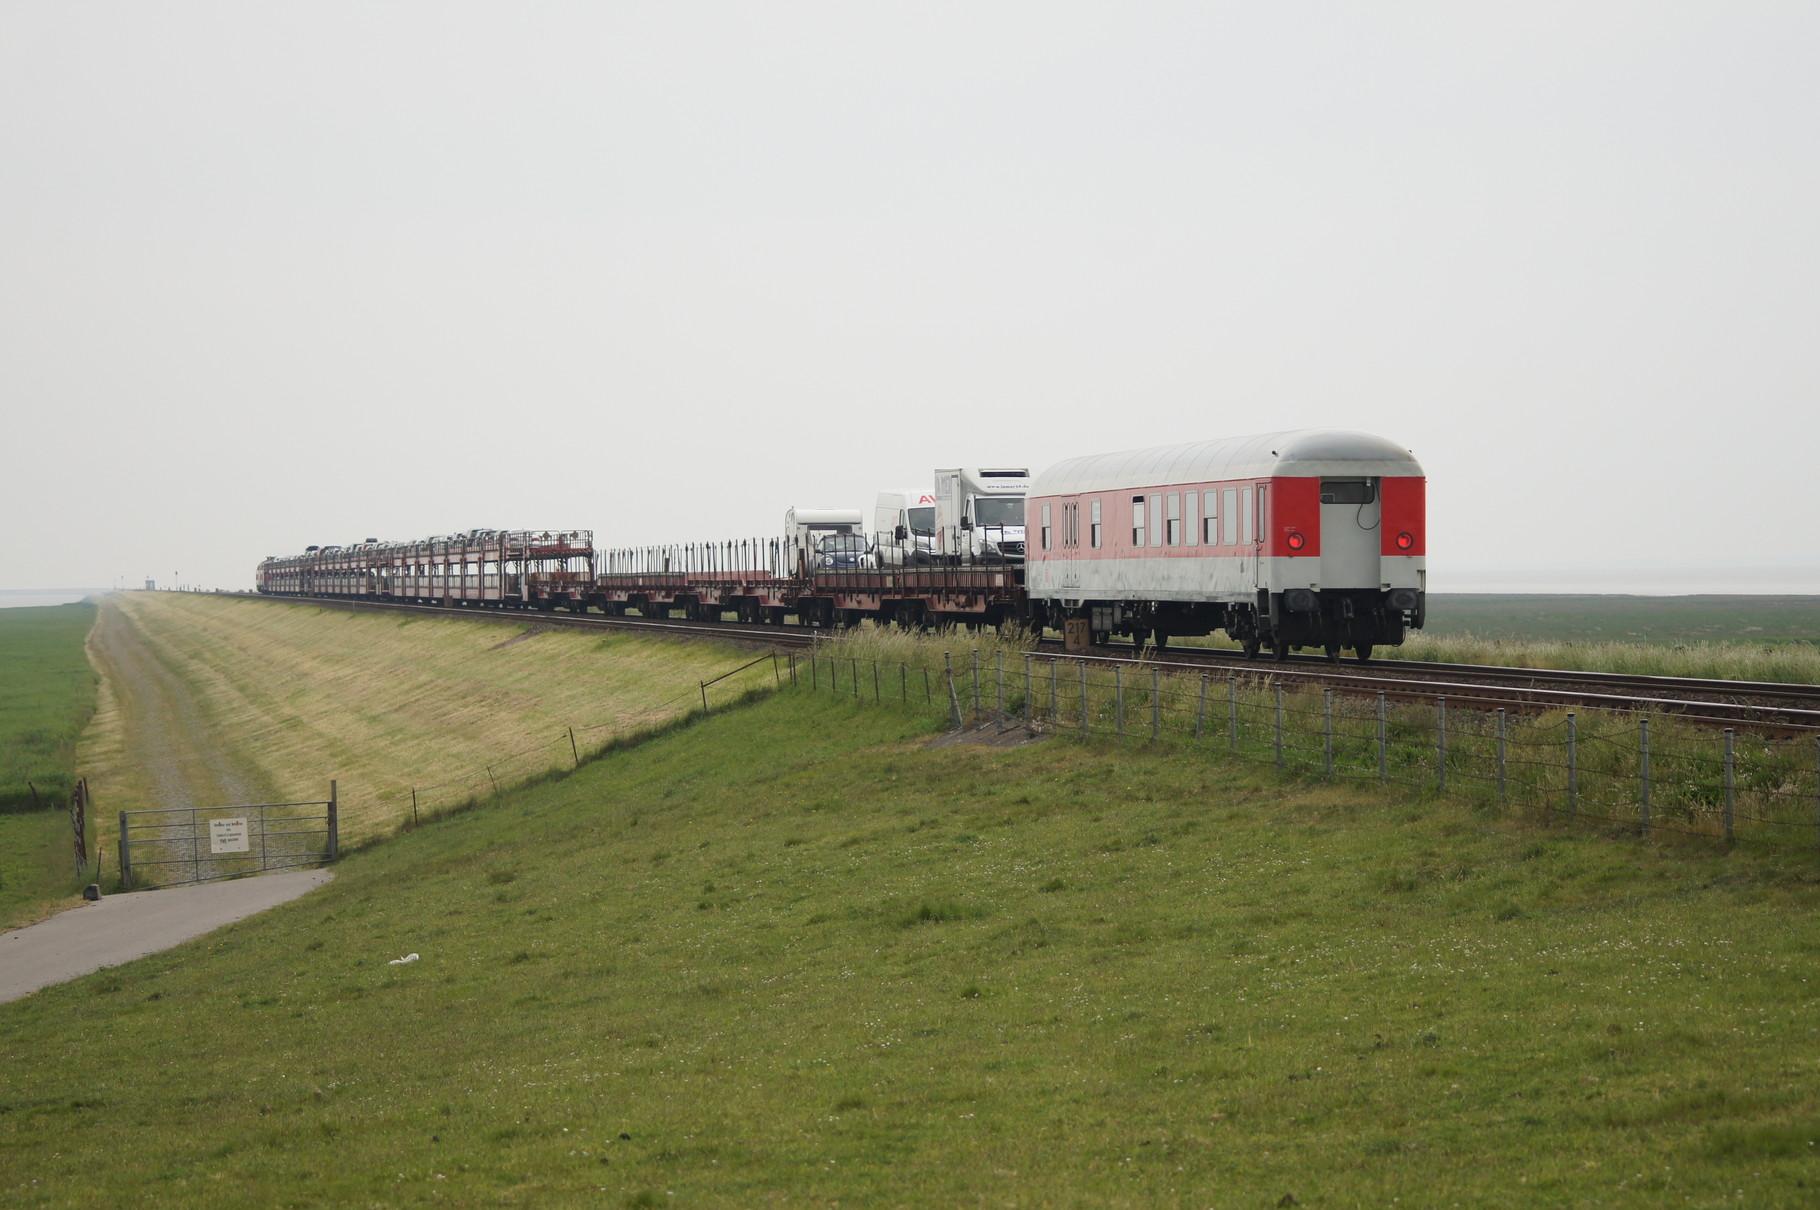 Der Zug auf voller Fahrt über den Hindenburgdamm in Richtung Westerland.